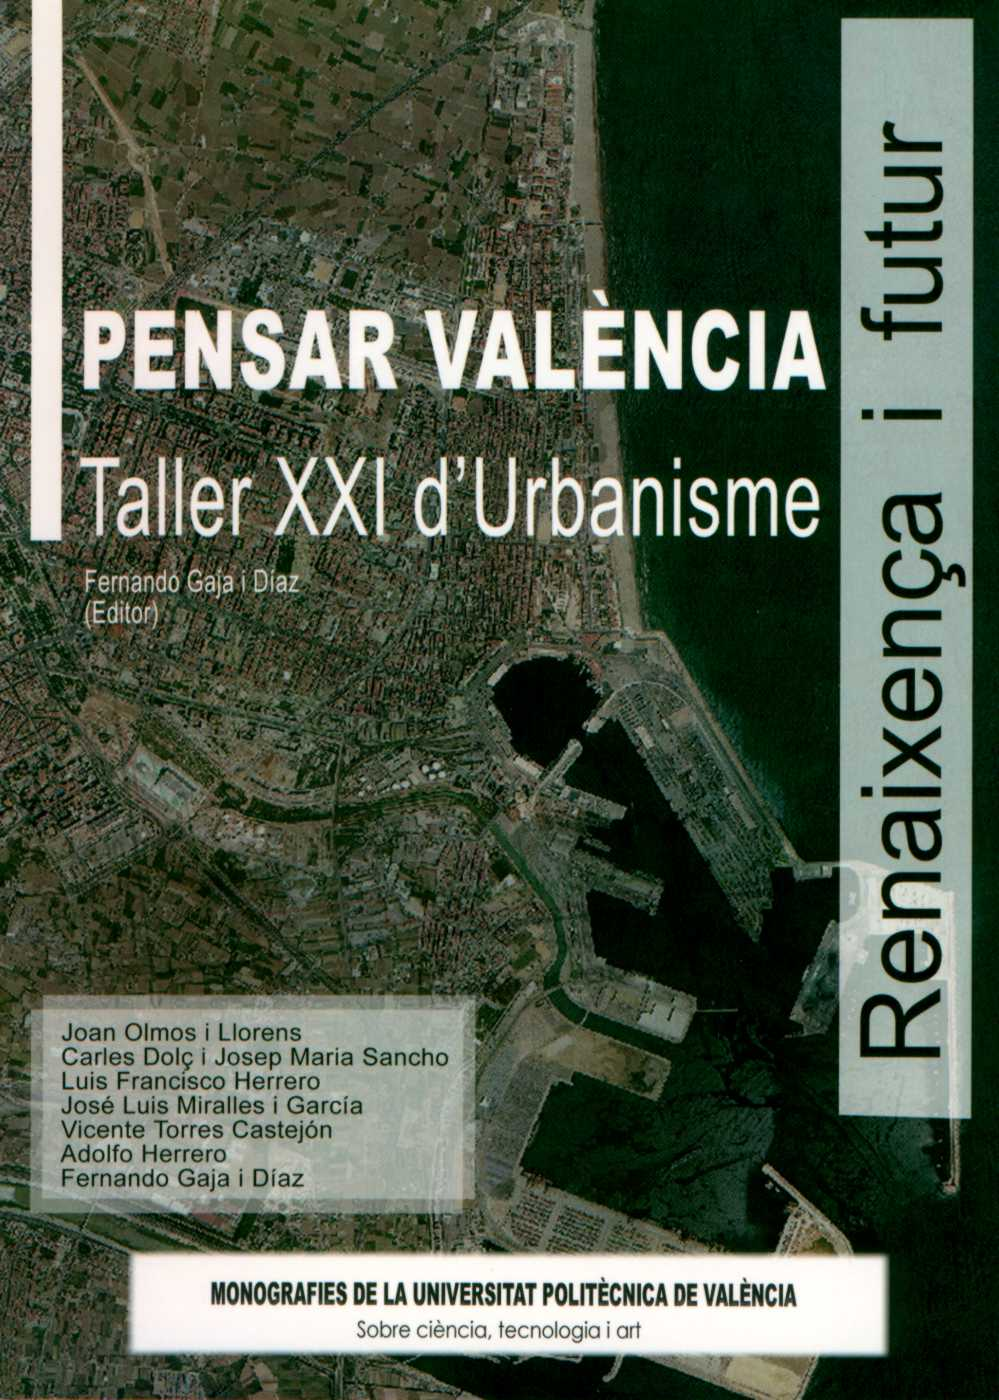 http://personales.upv.es/fgaja/publicaciones/Pensar.jpg